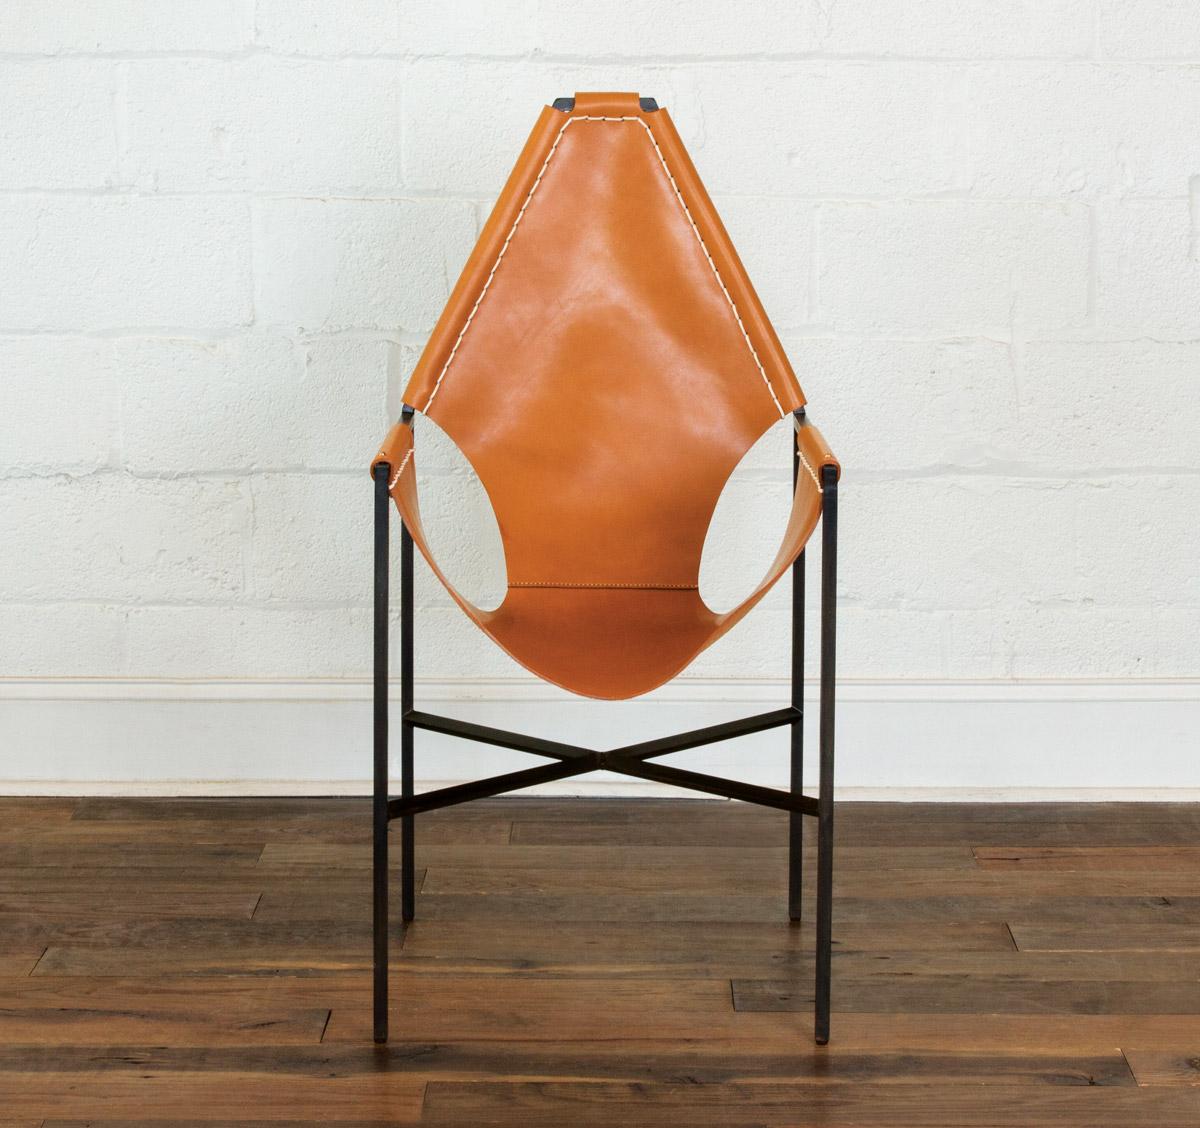 A Mesa chair